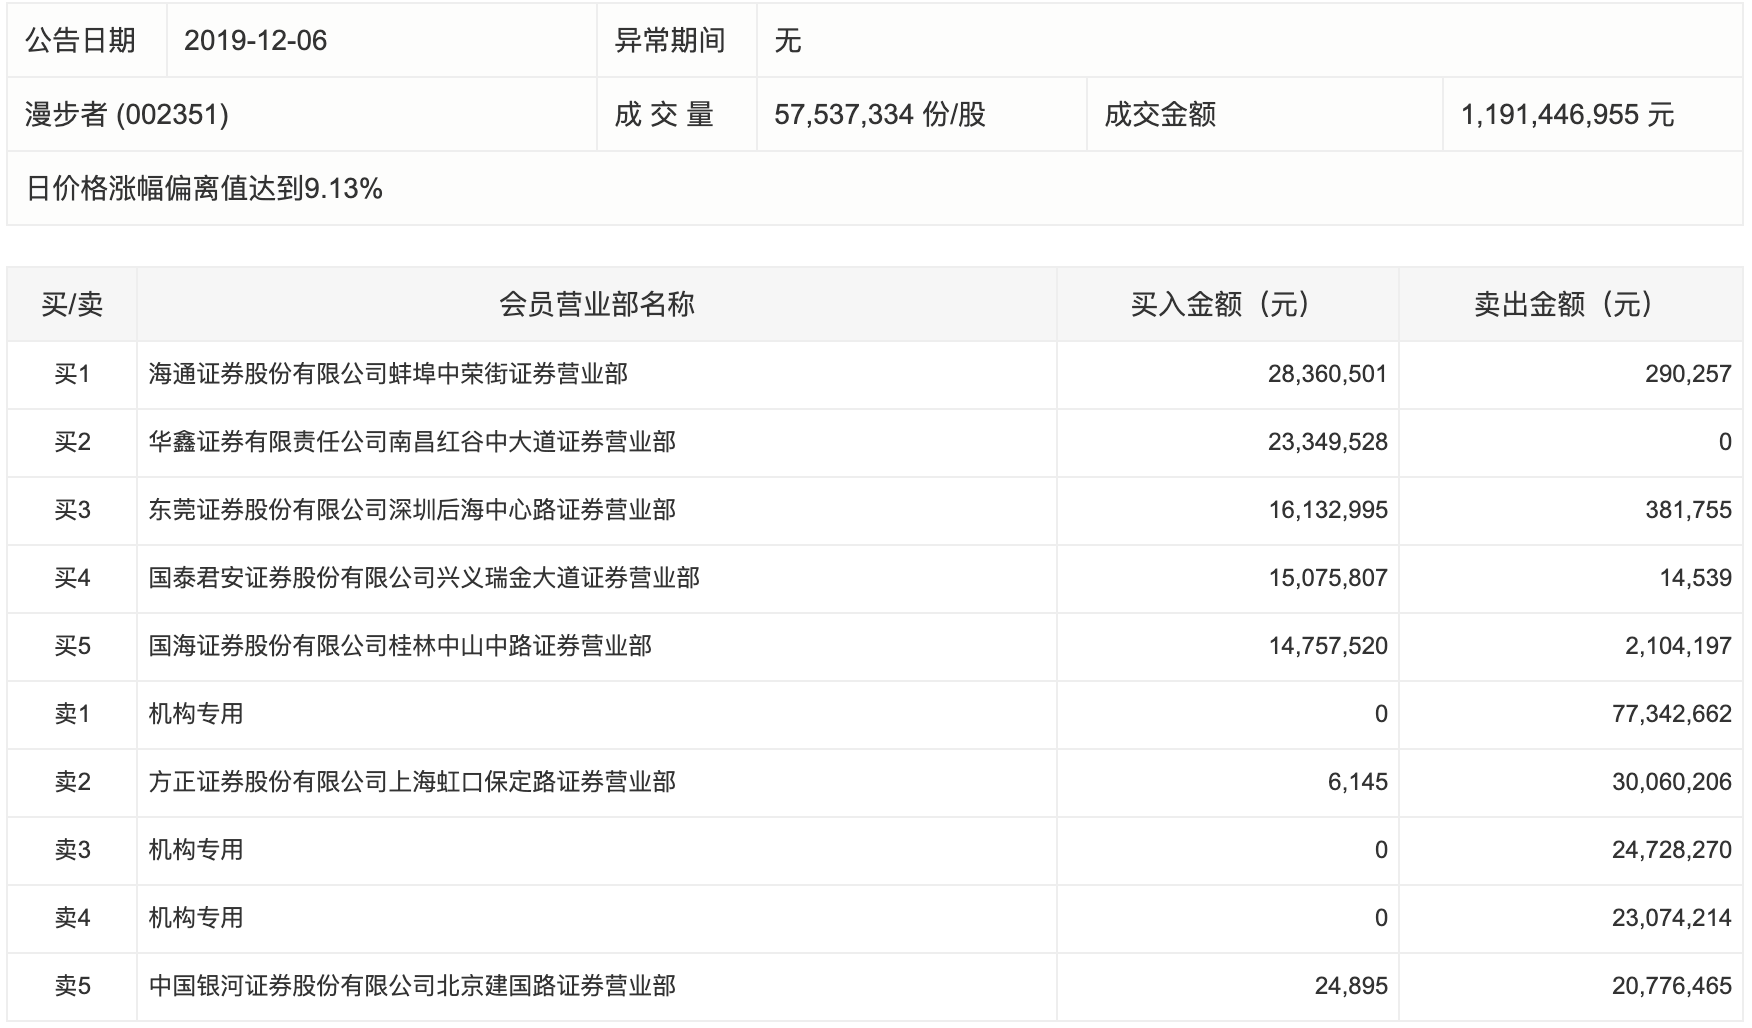 无线耳机热门股漫步者3连板 机构大举出逃共卖出1.25亿元